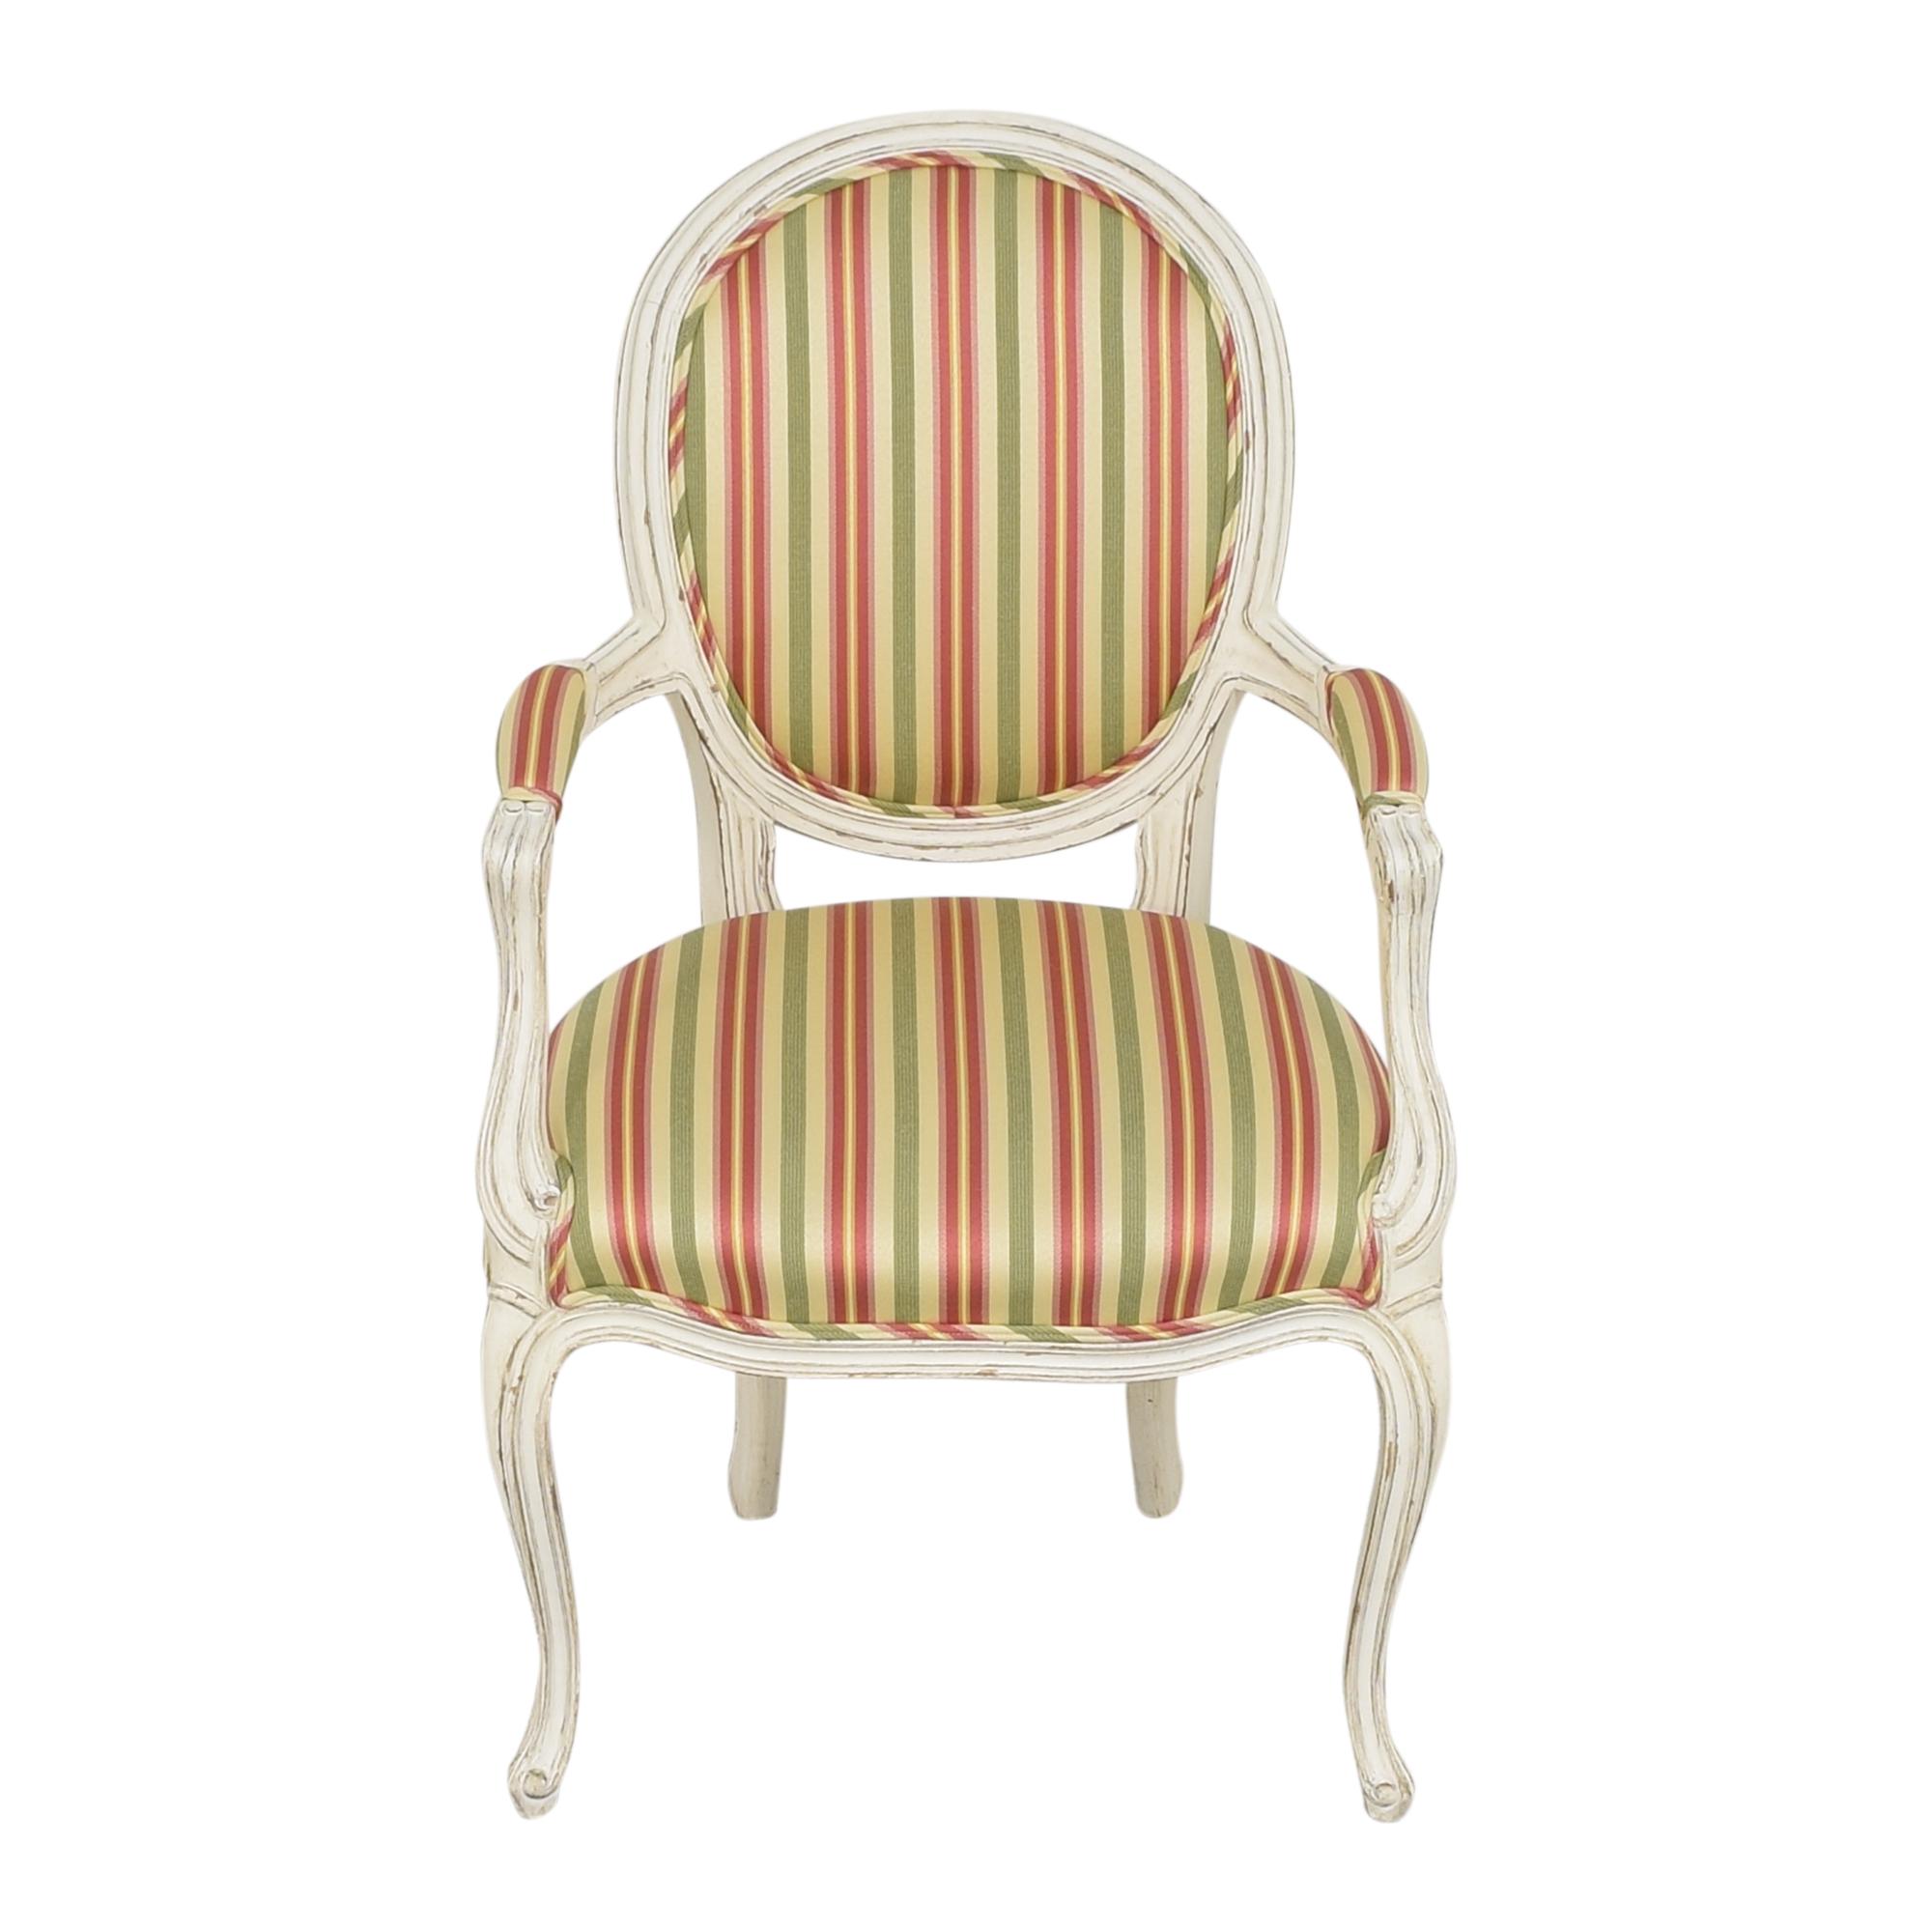 Pearson Queen Anne Striped Chair / Chairs